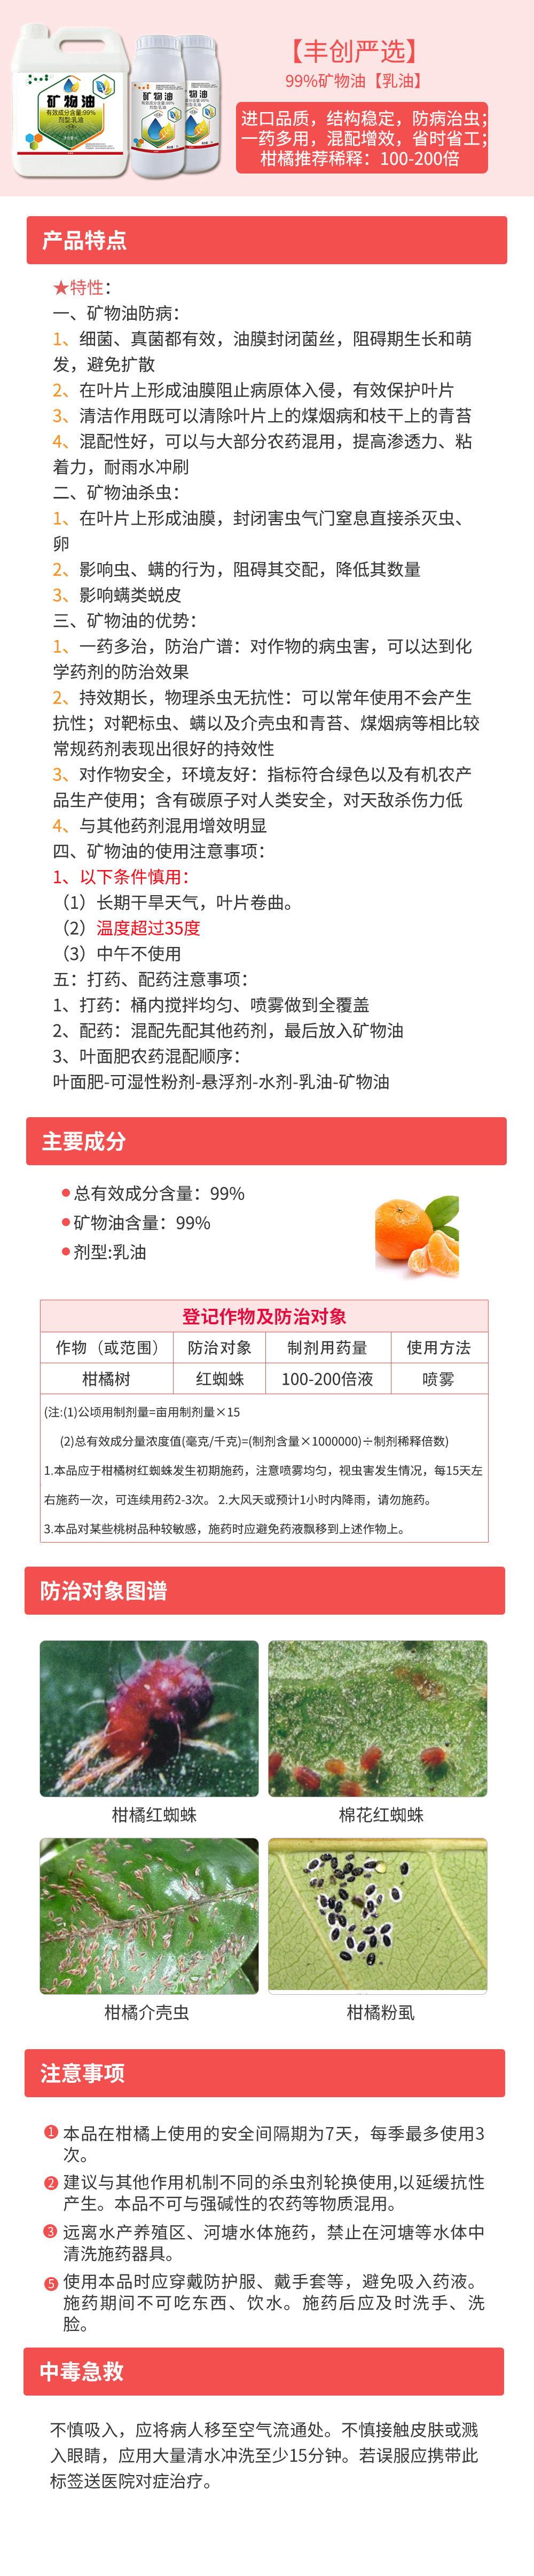 99%矿物油商详_看图王.jpg